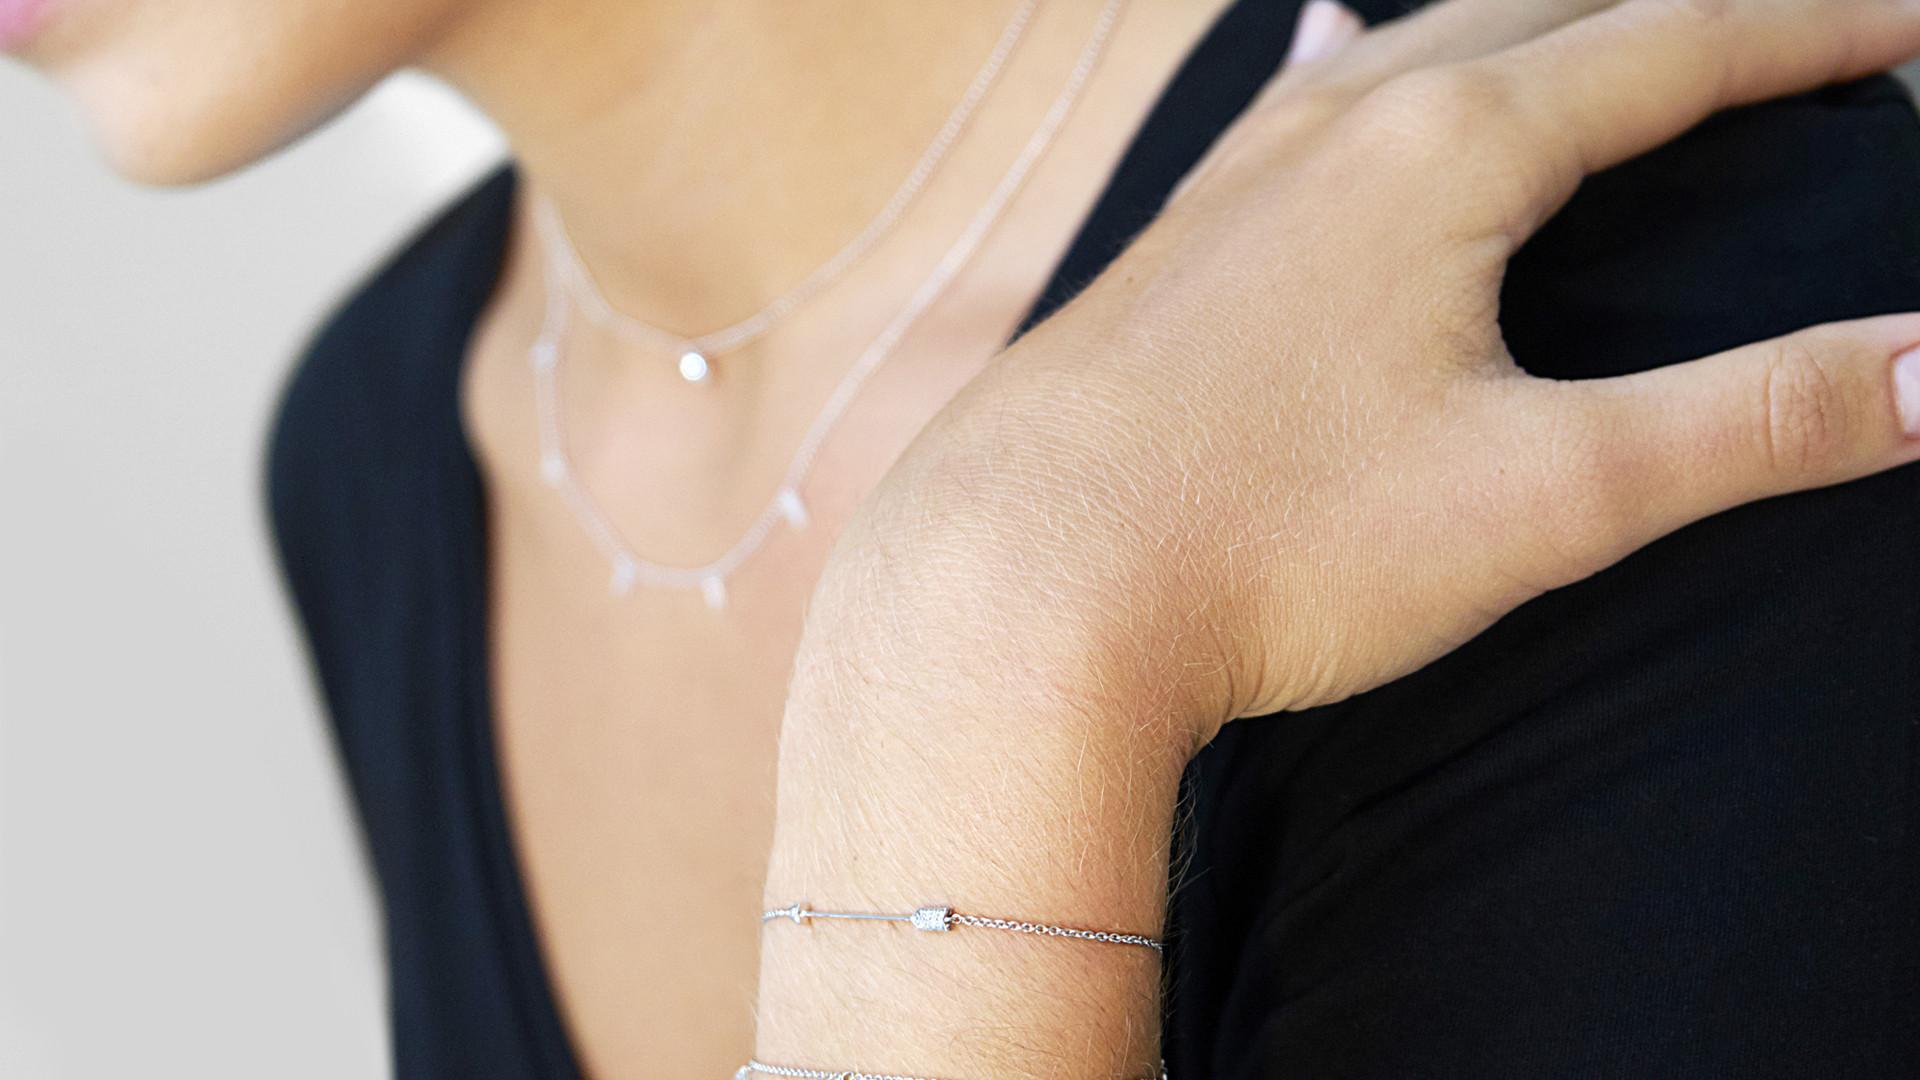 Main, Certus bracelet, Candor bracelet a